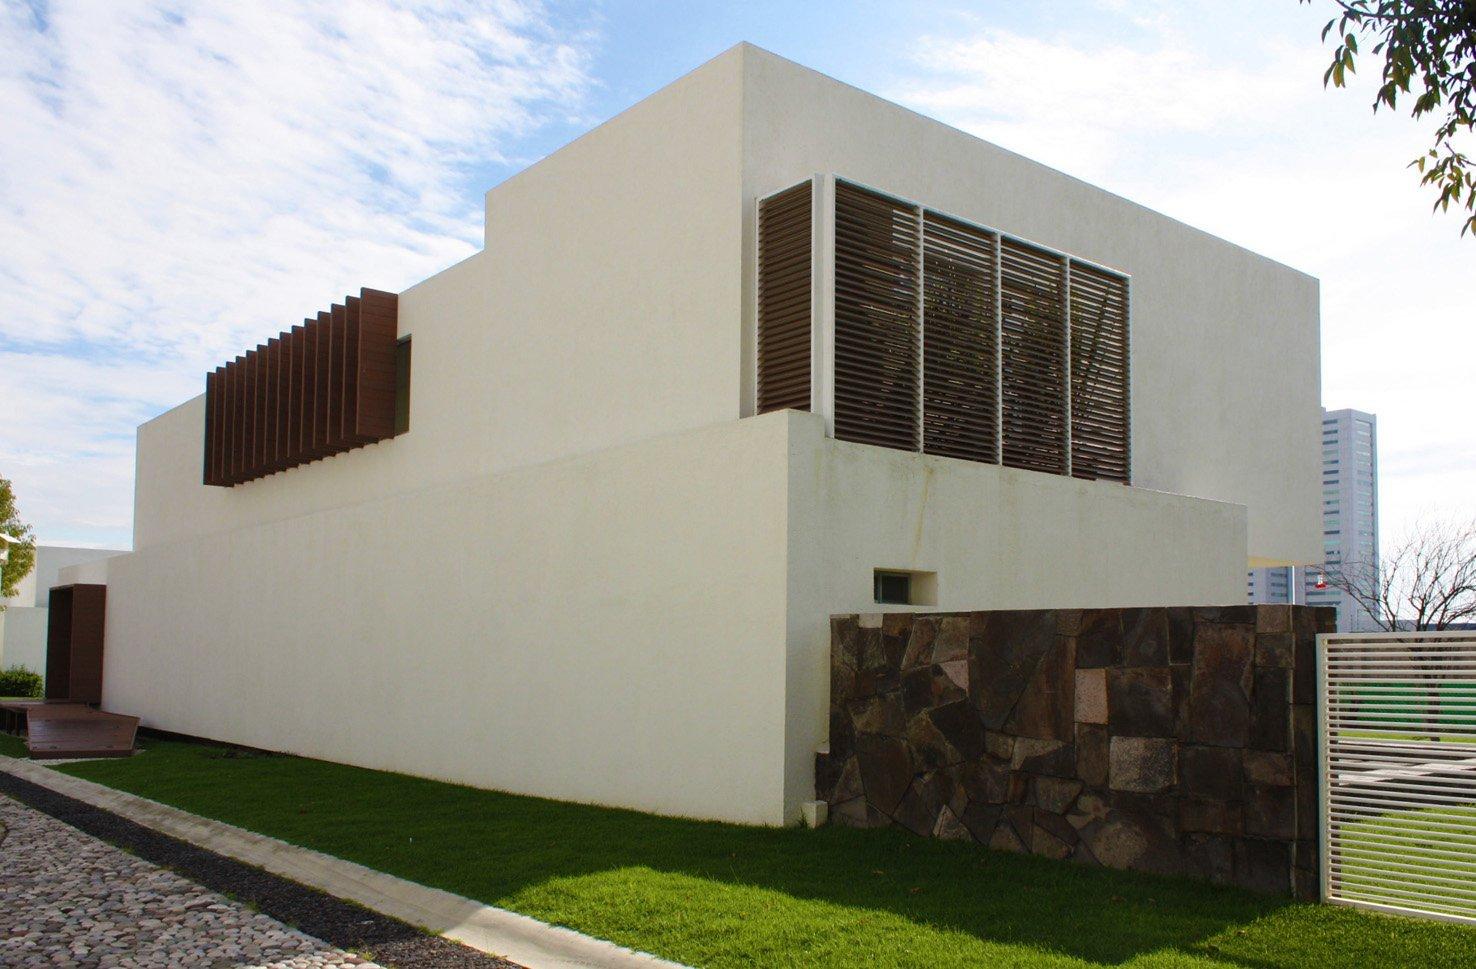 Materiales para fachadas modernas fachada principal with - Materiales fachadas modernas ...